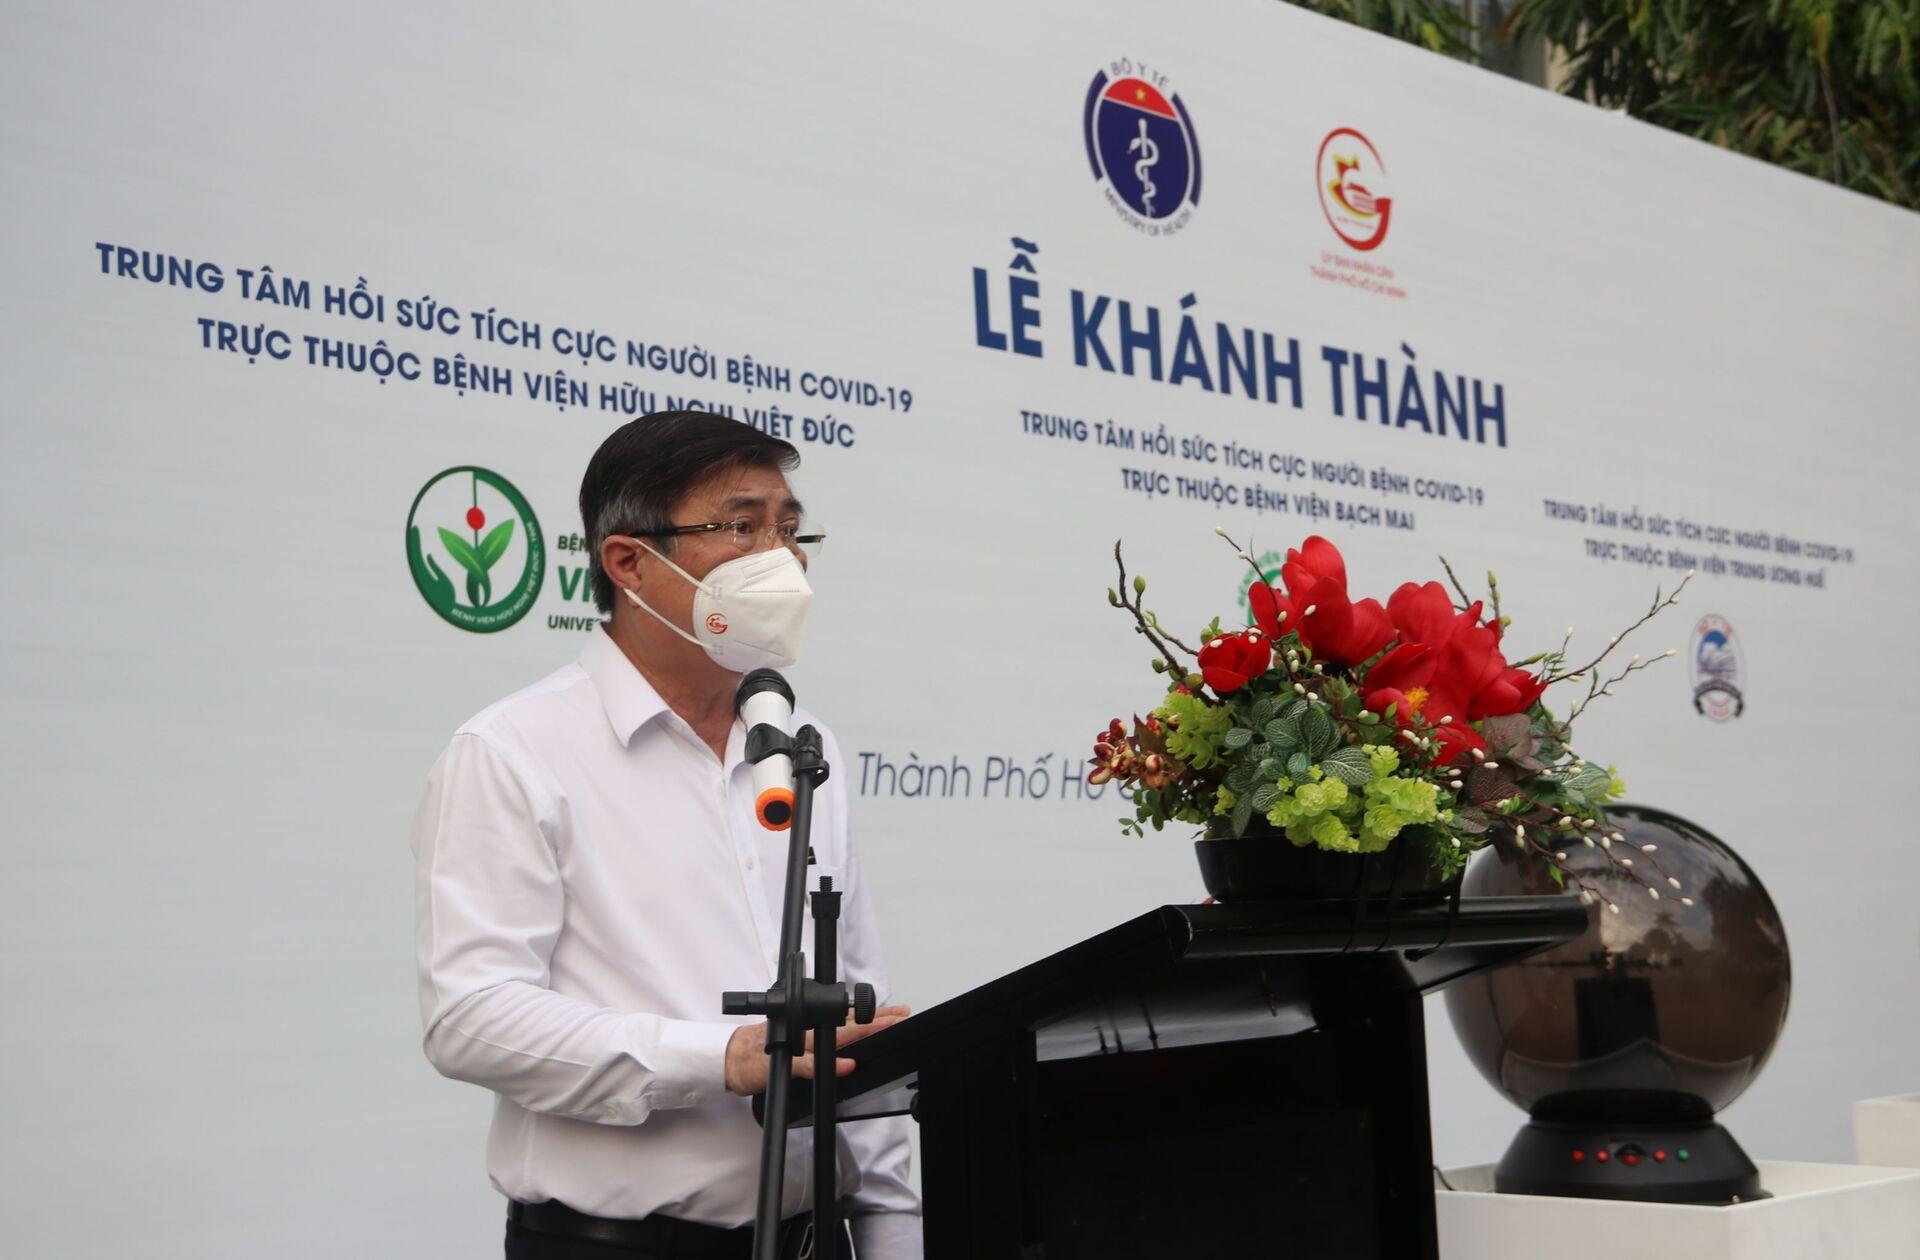 Chủ tịch Uỷ ban nhân dân Thành phố Hồ Chí Minh Nguyễn Thành Phong phát biểu tại buổi lễ. - Sputnik Việt Nam, 1920, 05.10.2021